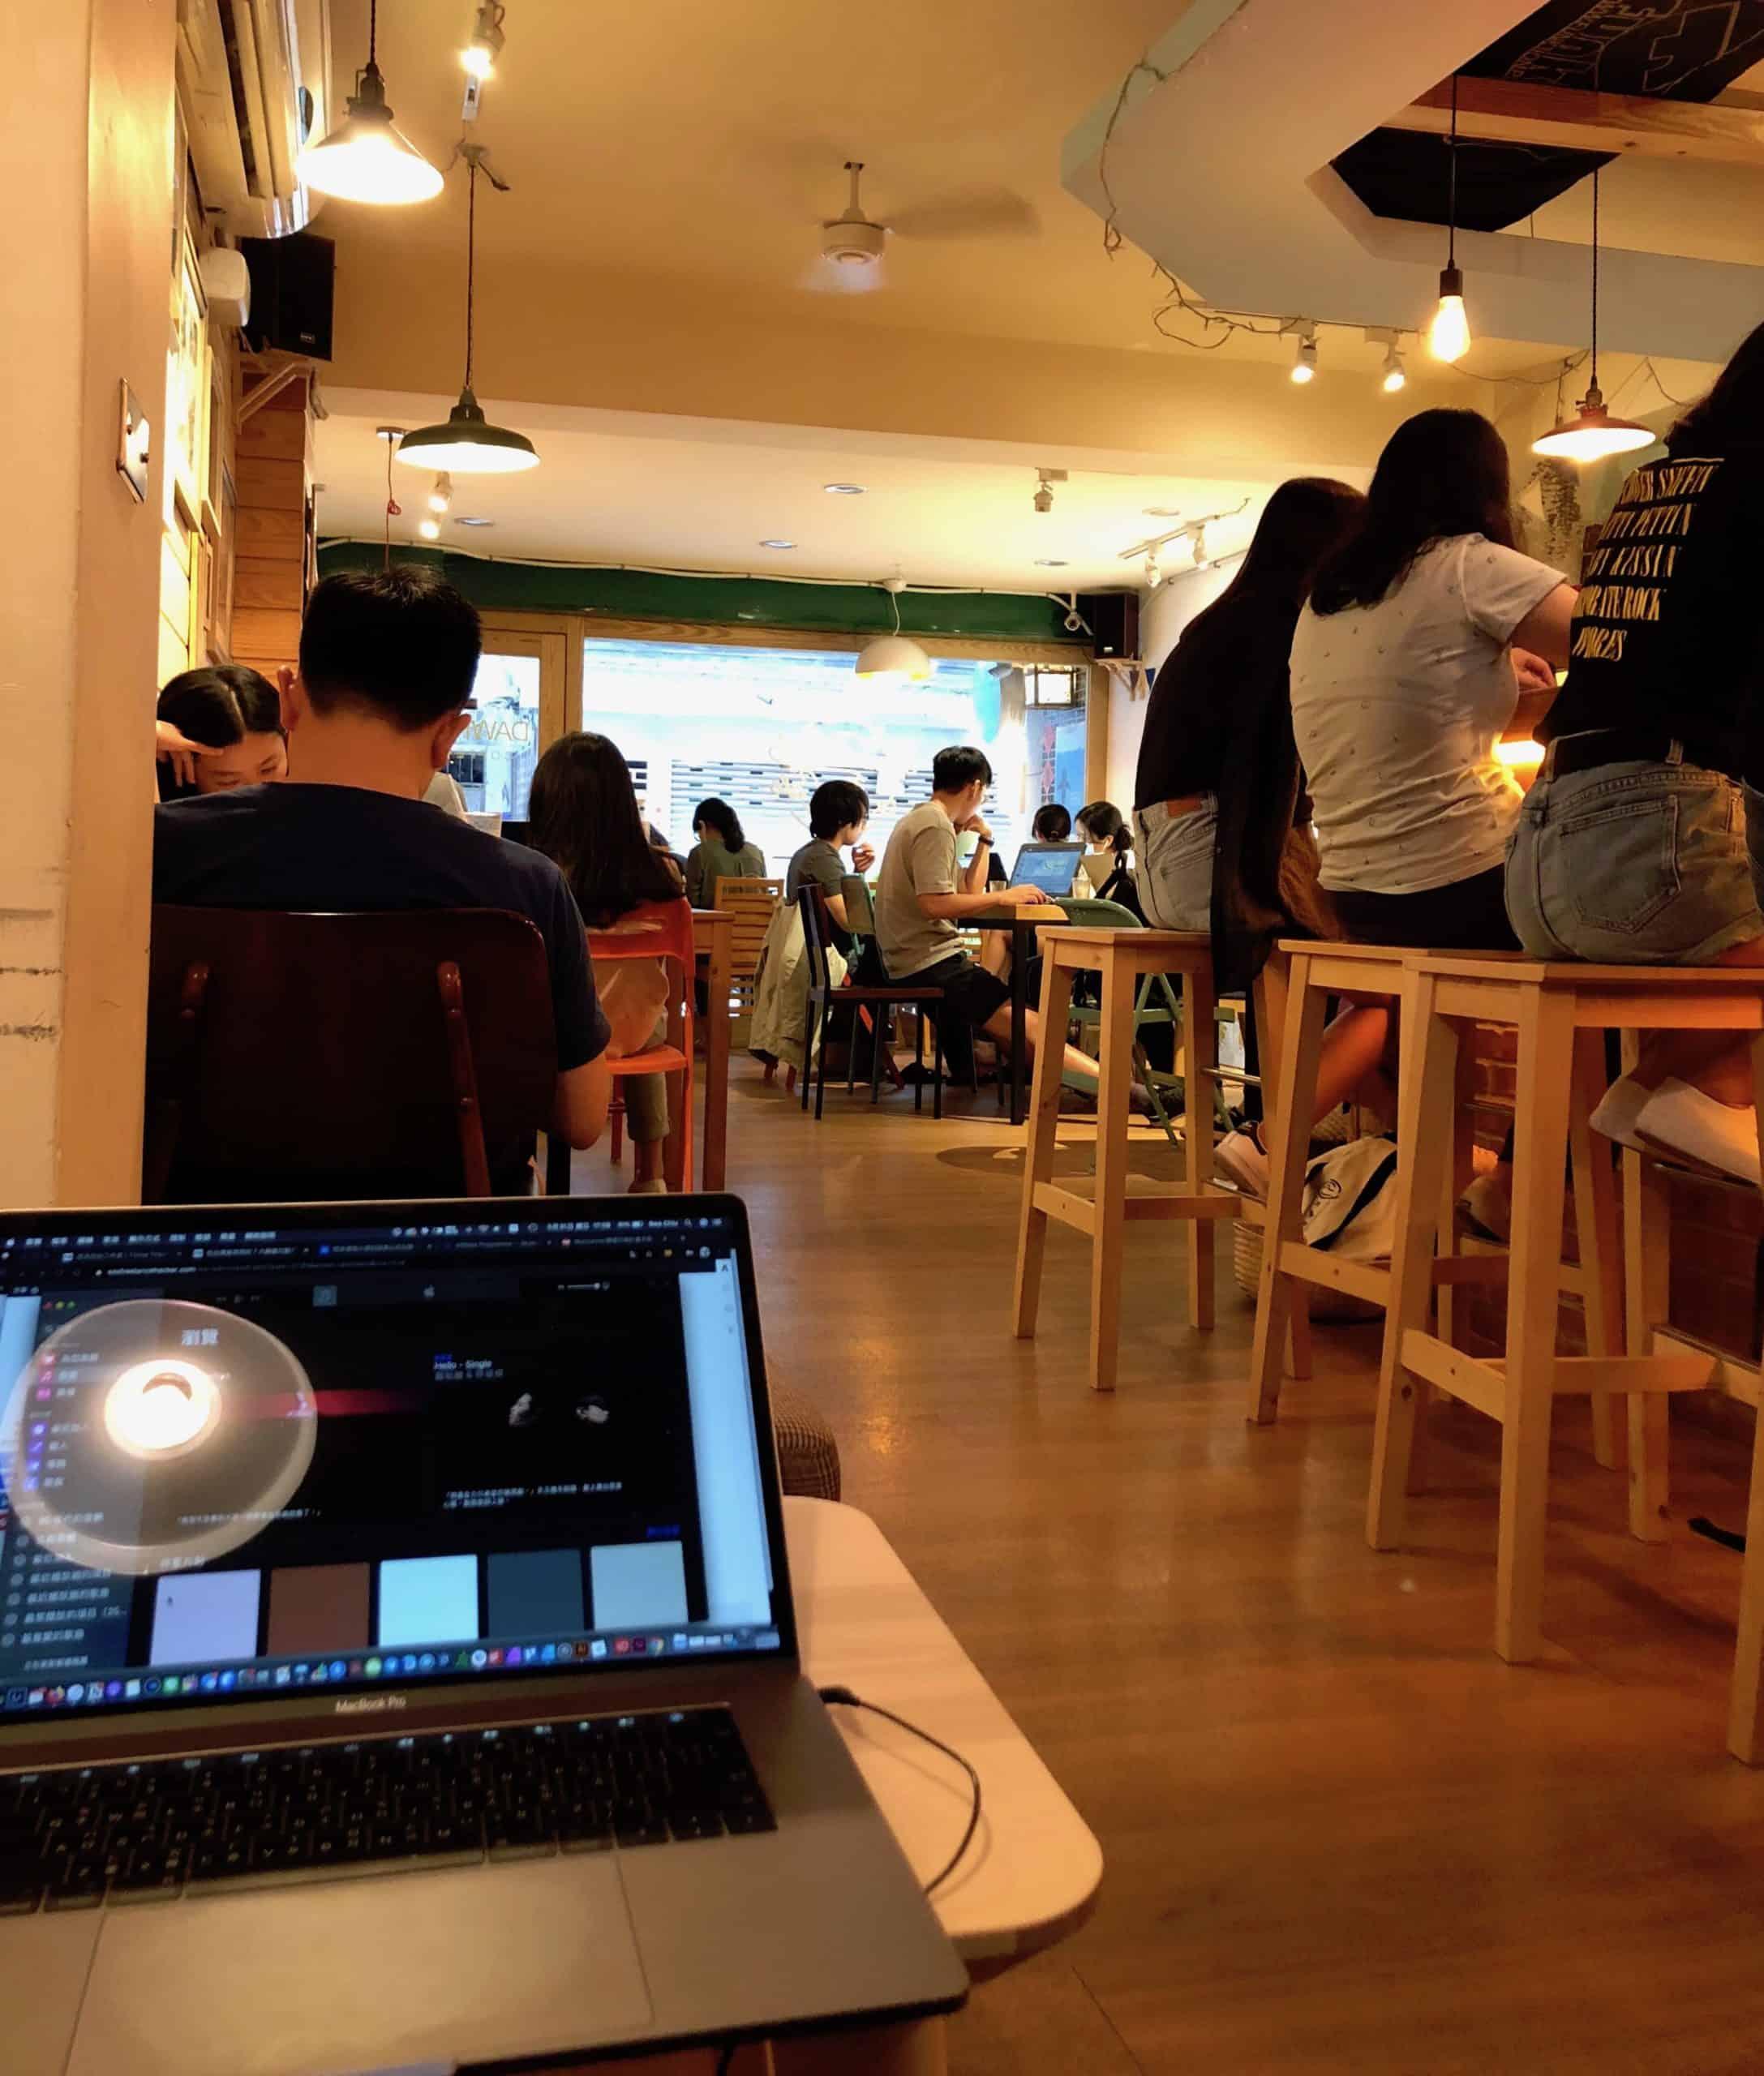 咖啡廳工作